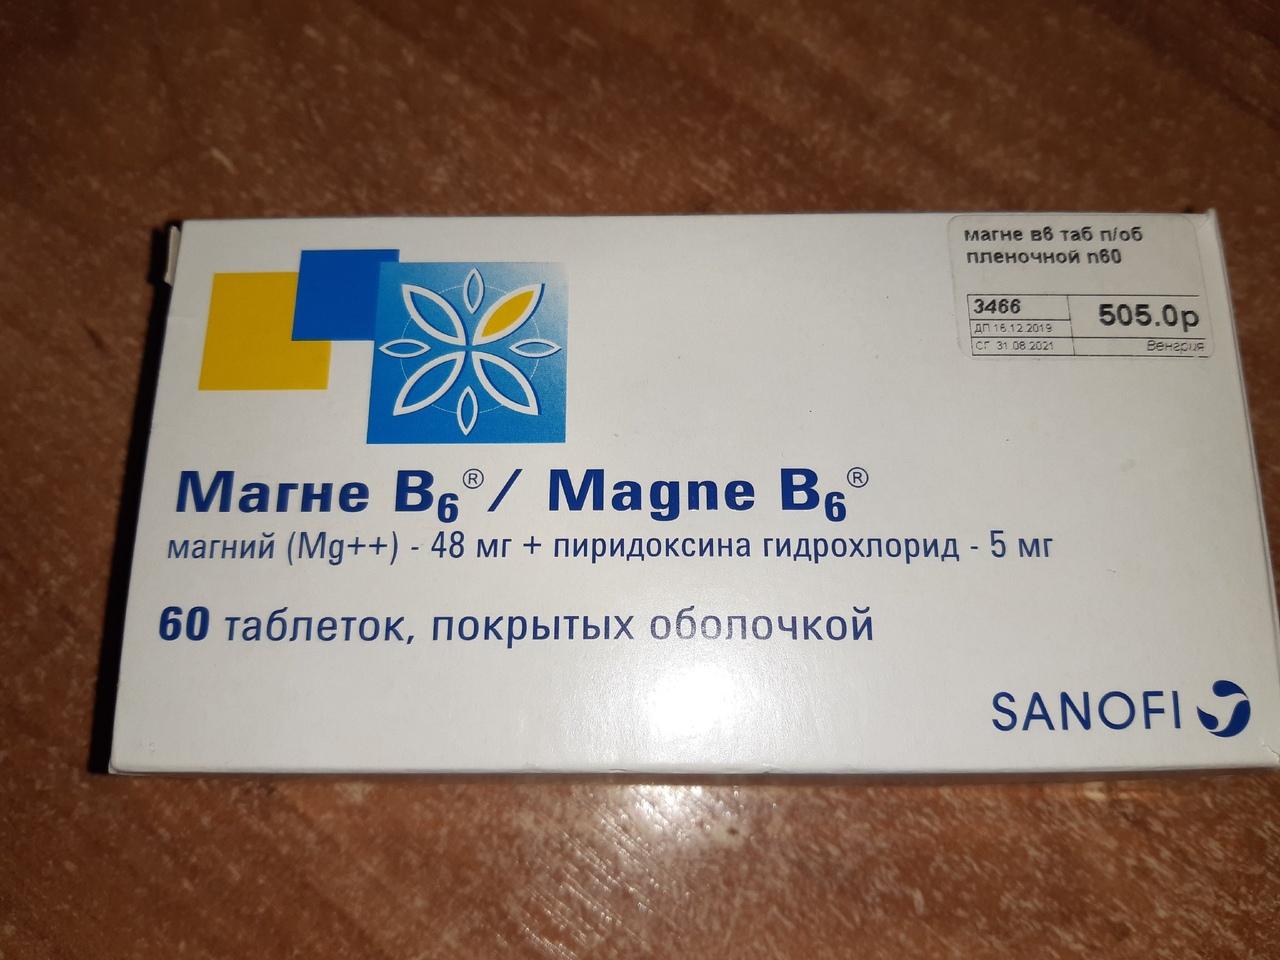 otzyvy-patsientov-magneb6